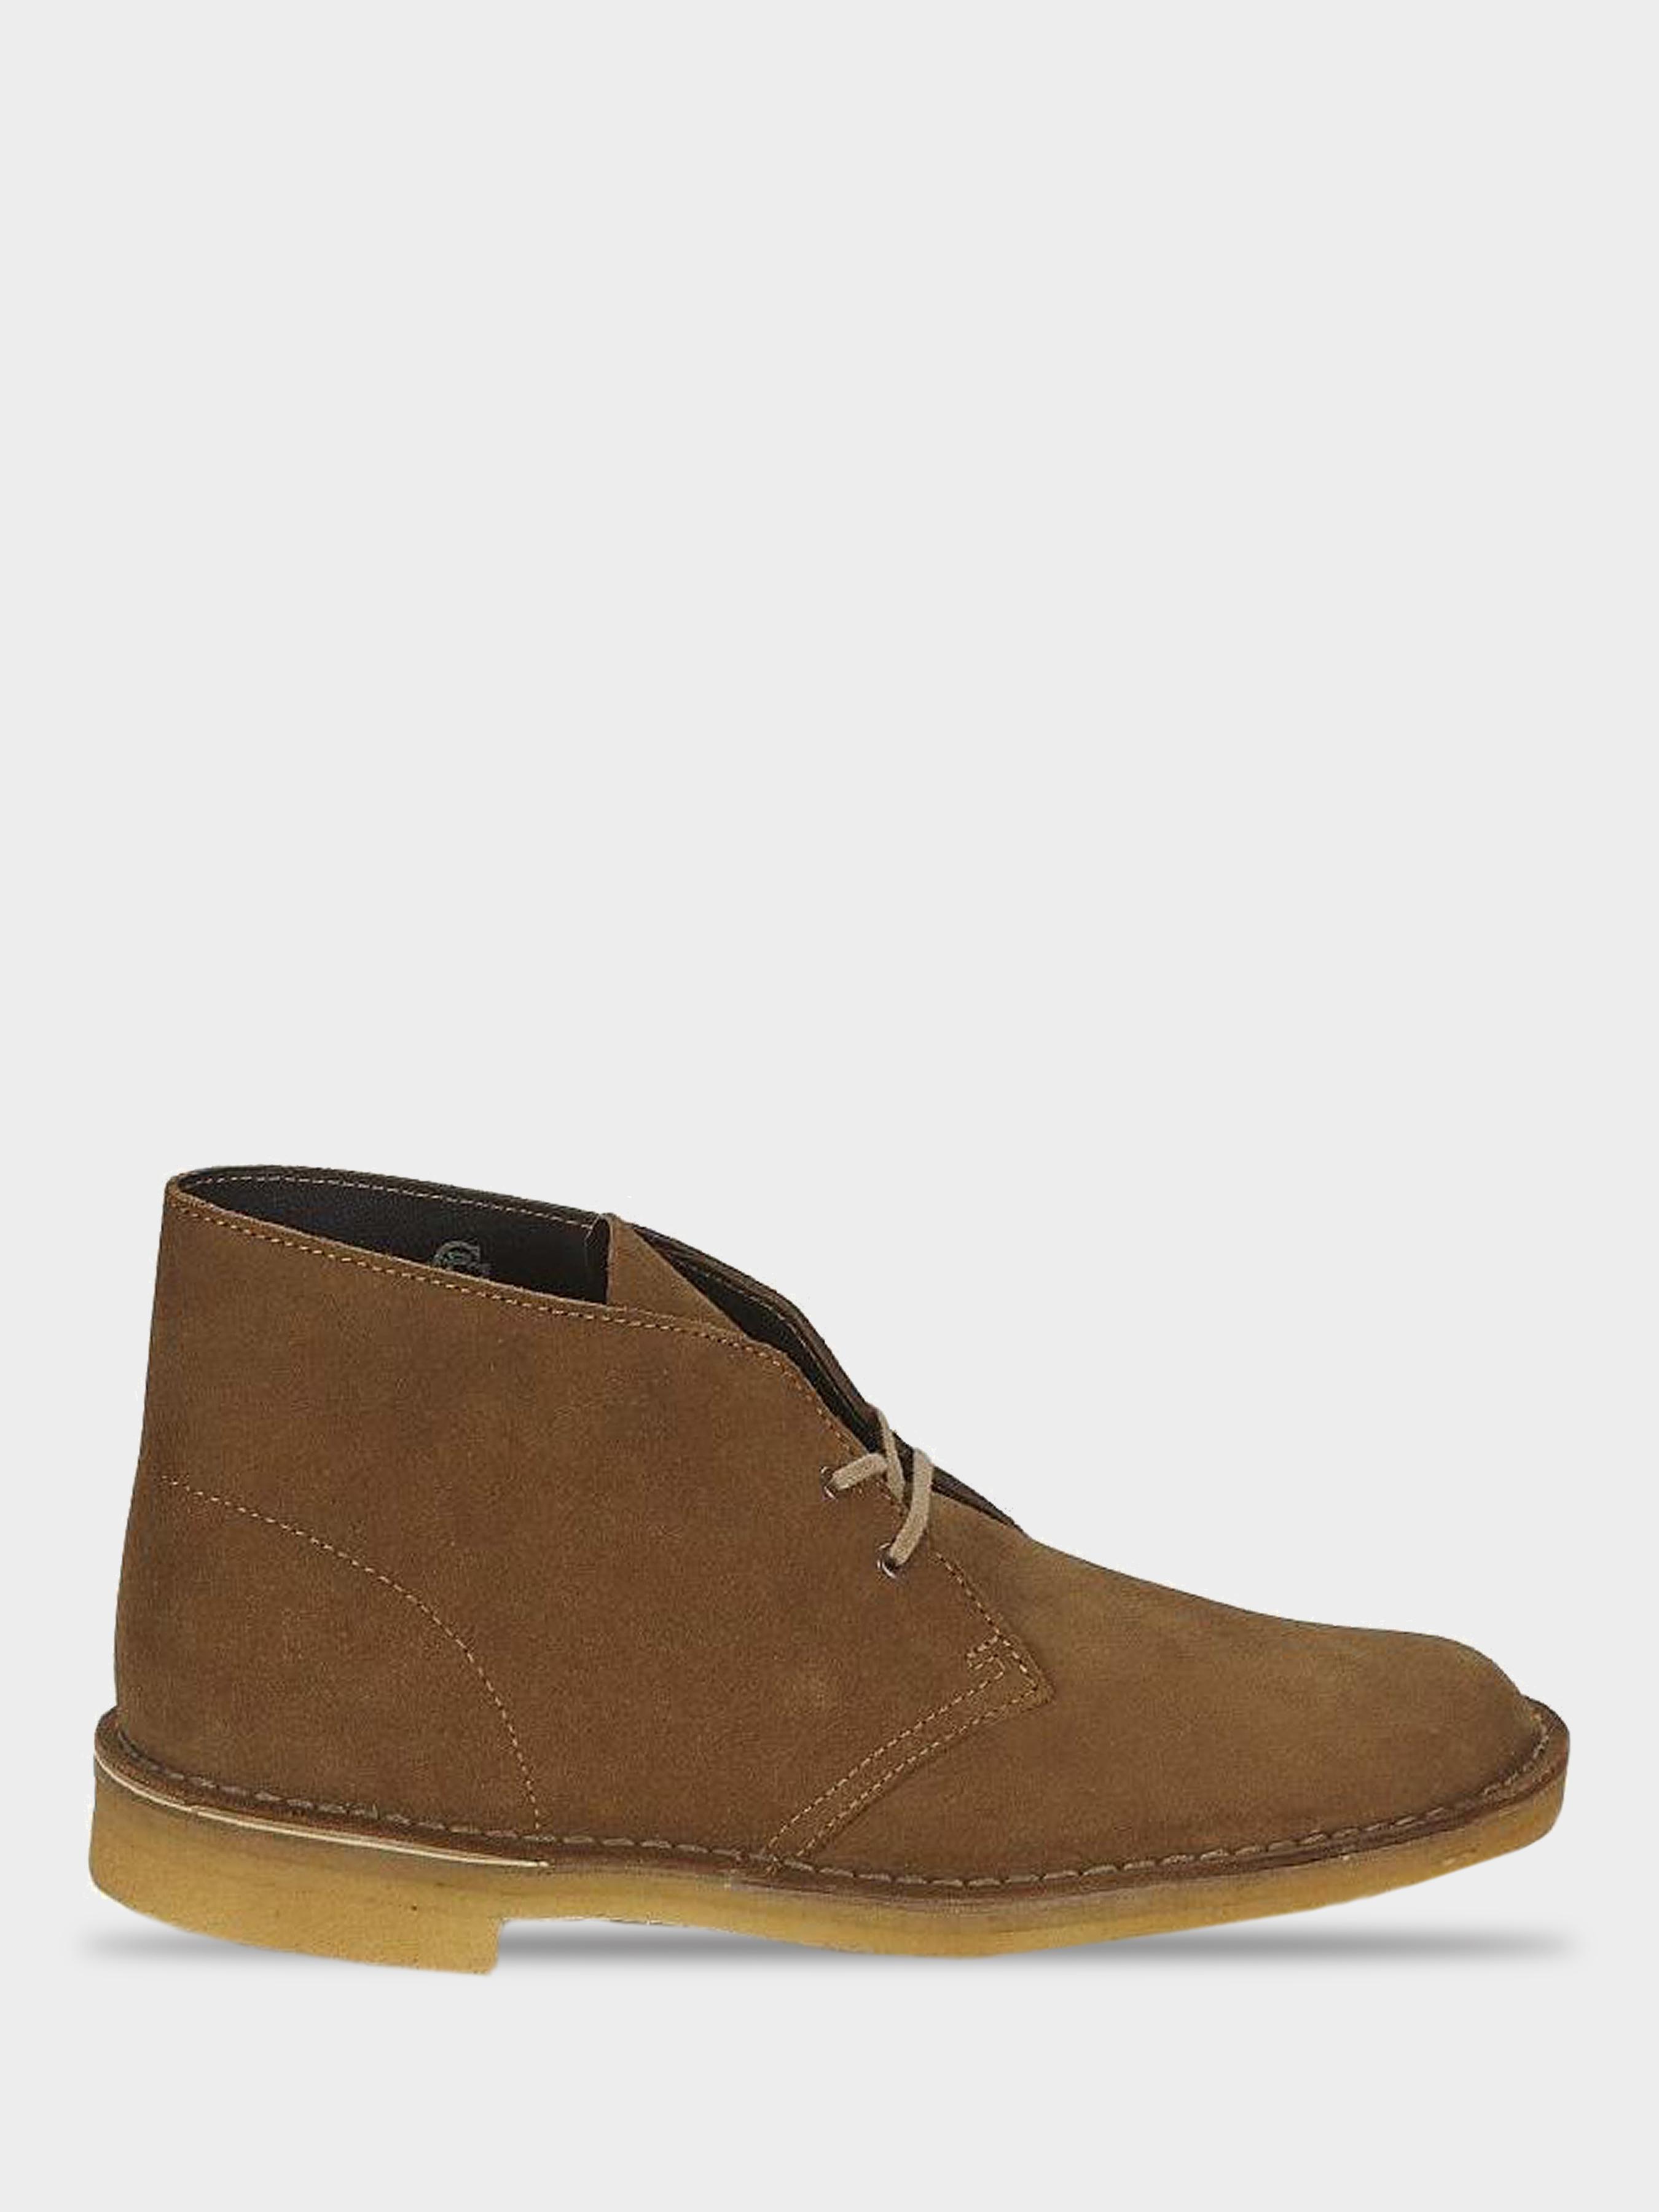 Ботинки мужские Clarks Desert Boot OM2987